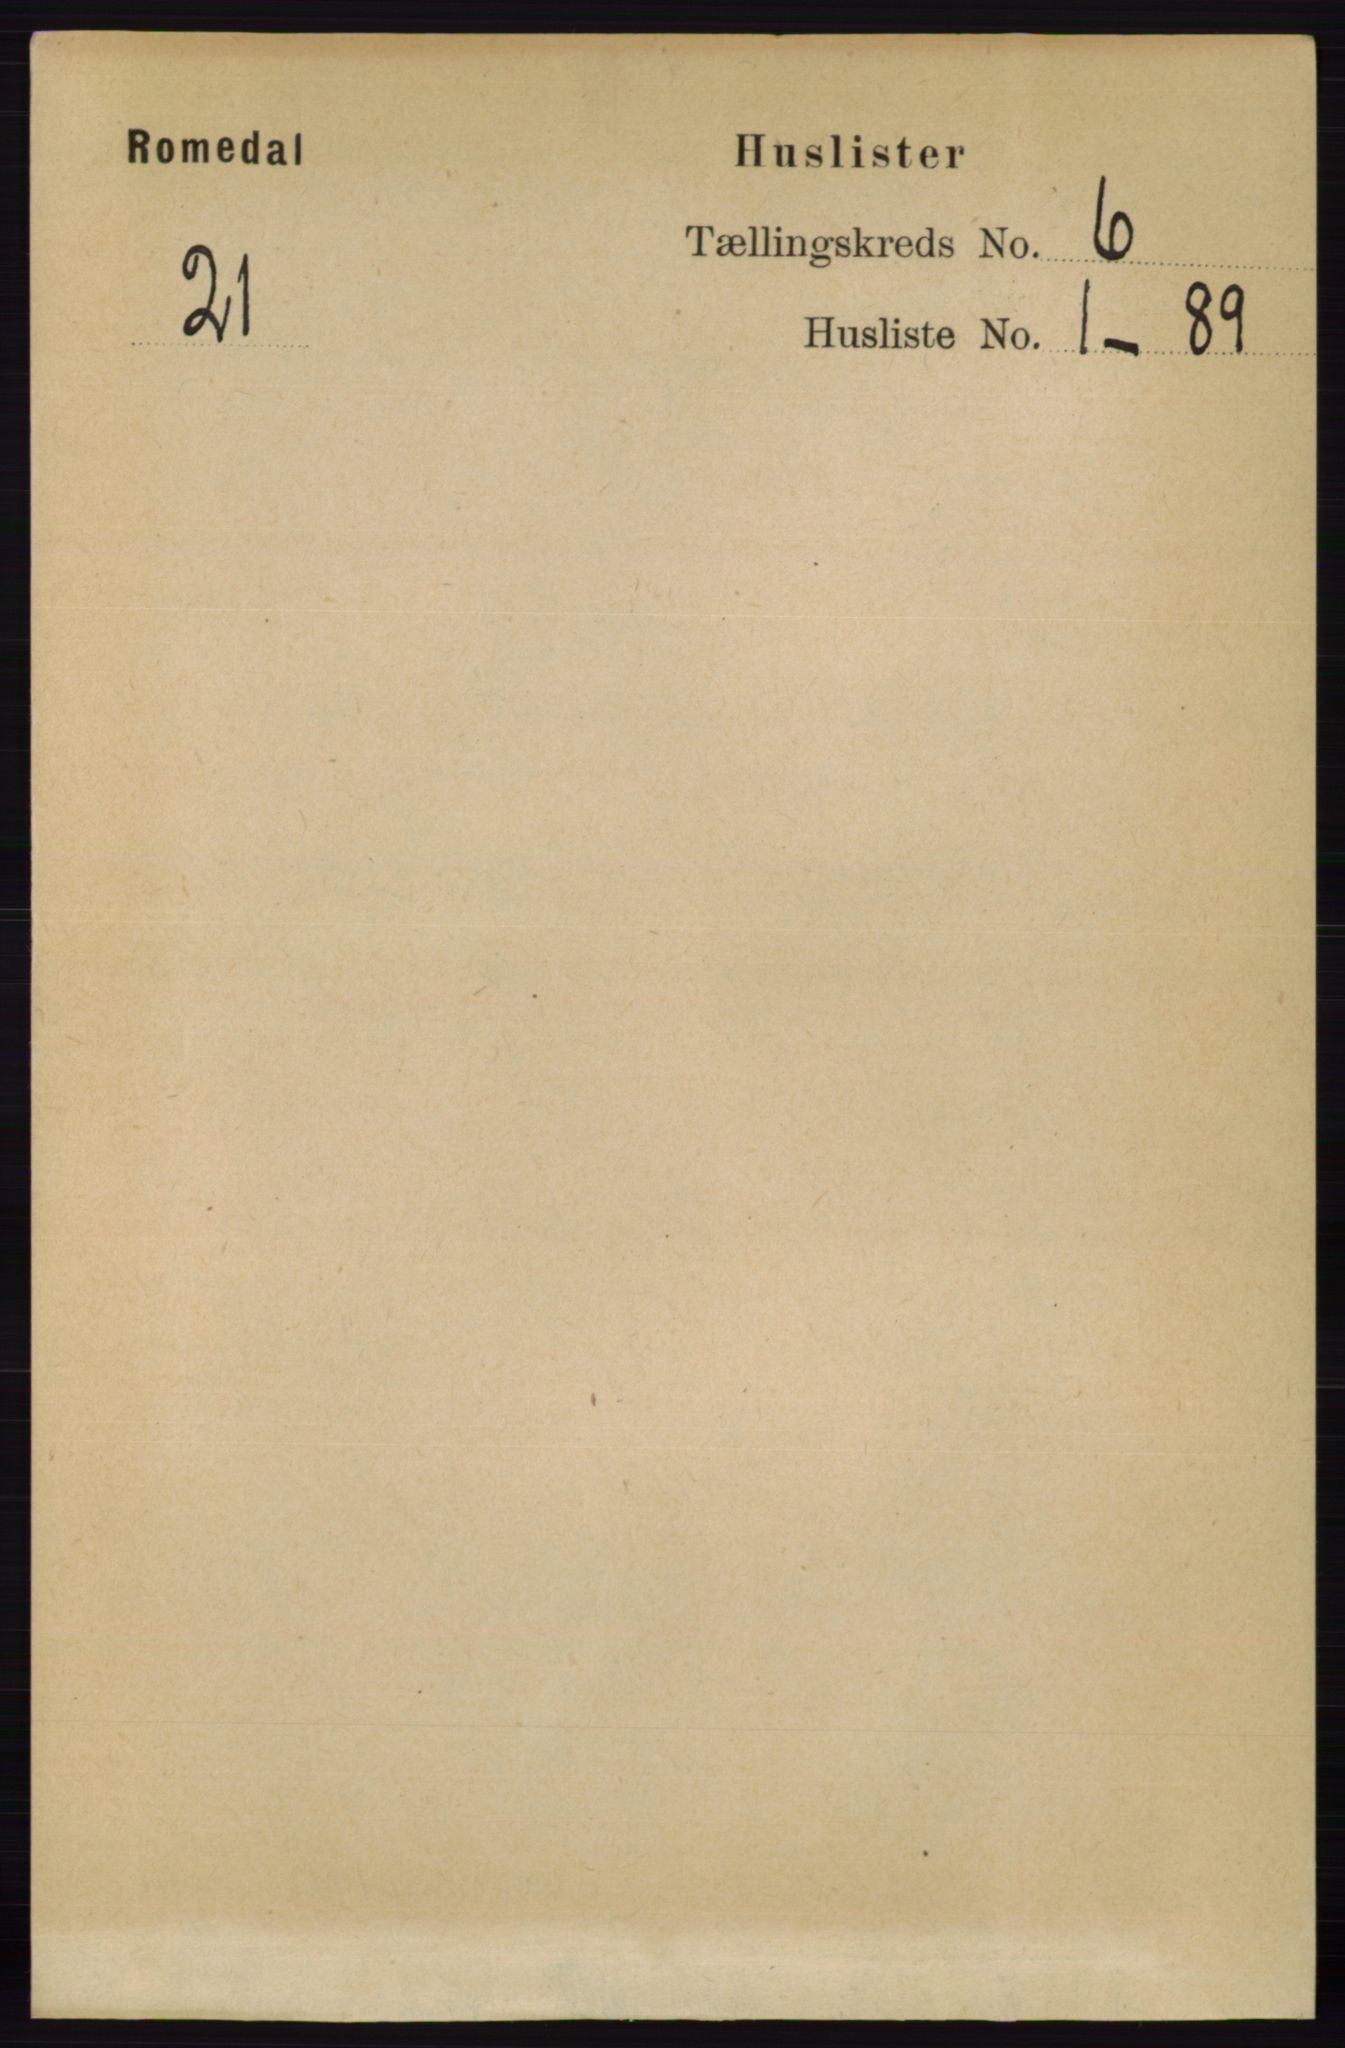 RA, Folketelling 1891 for 0416 Romedal herred, 1891, s. 2859